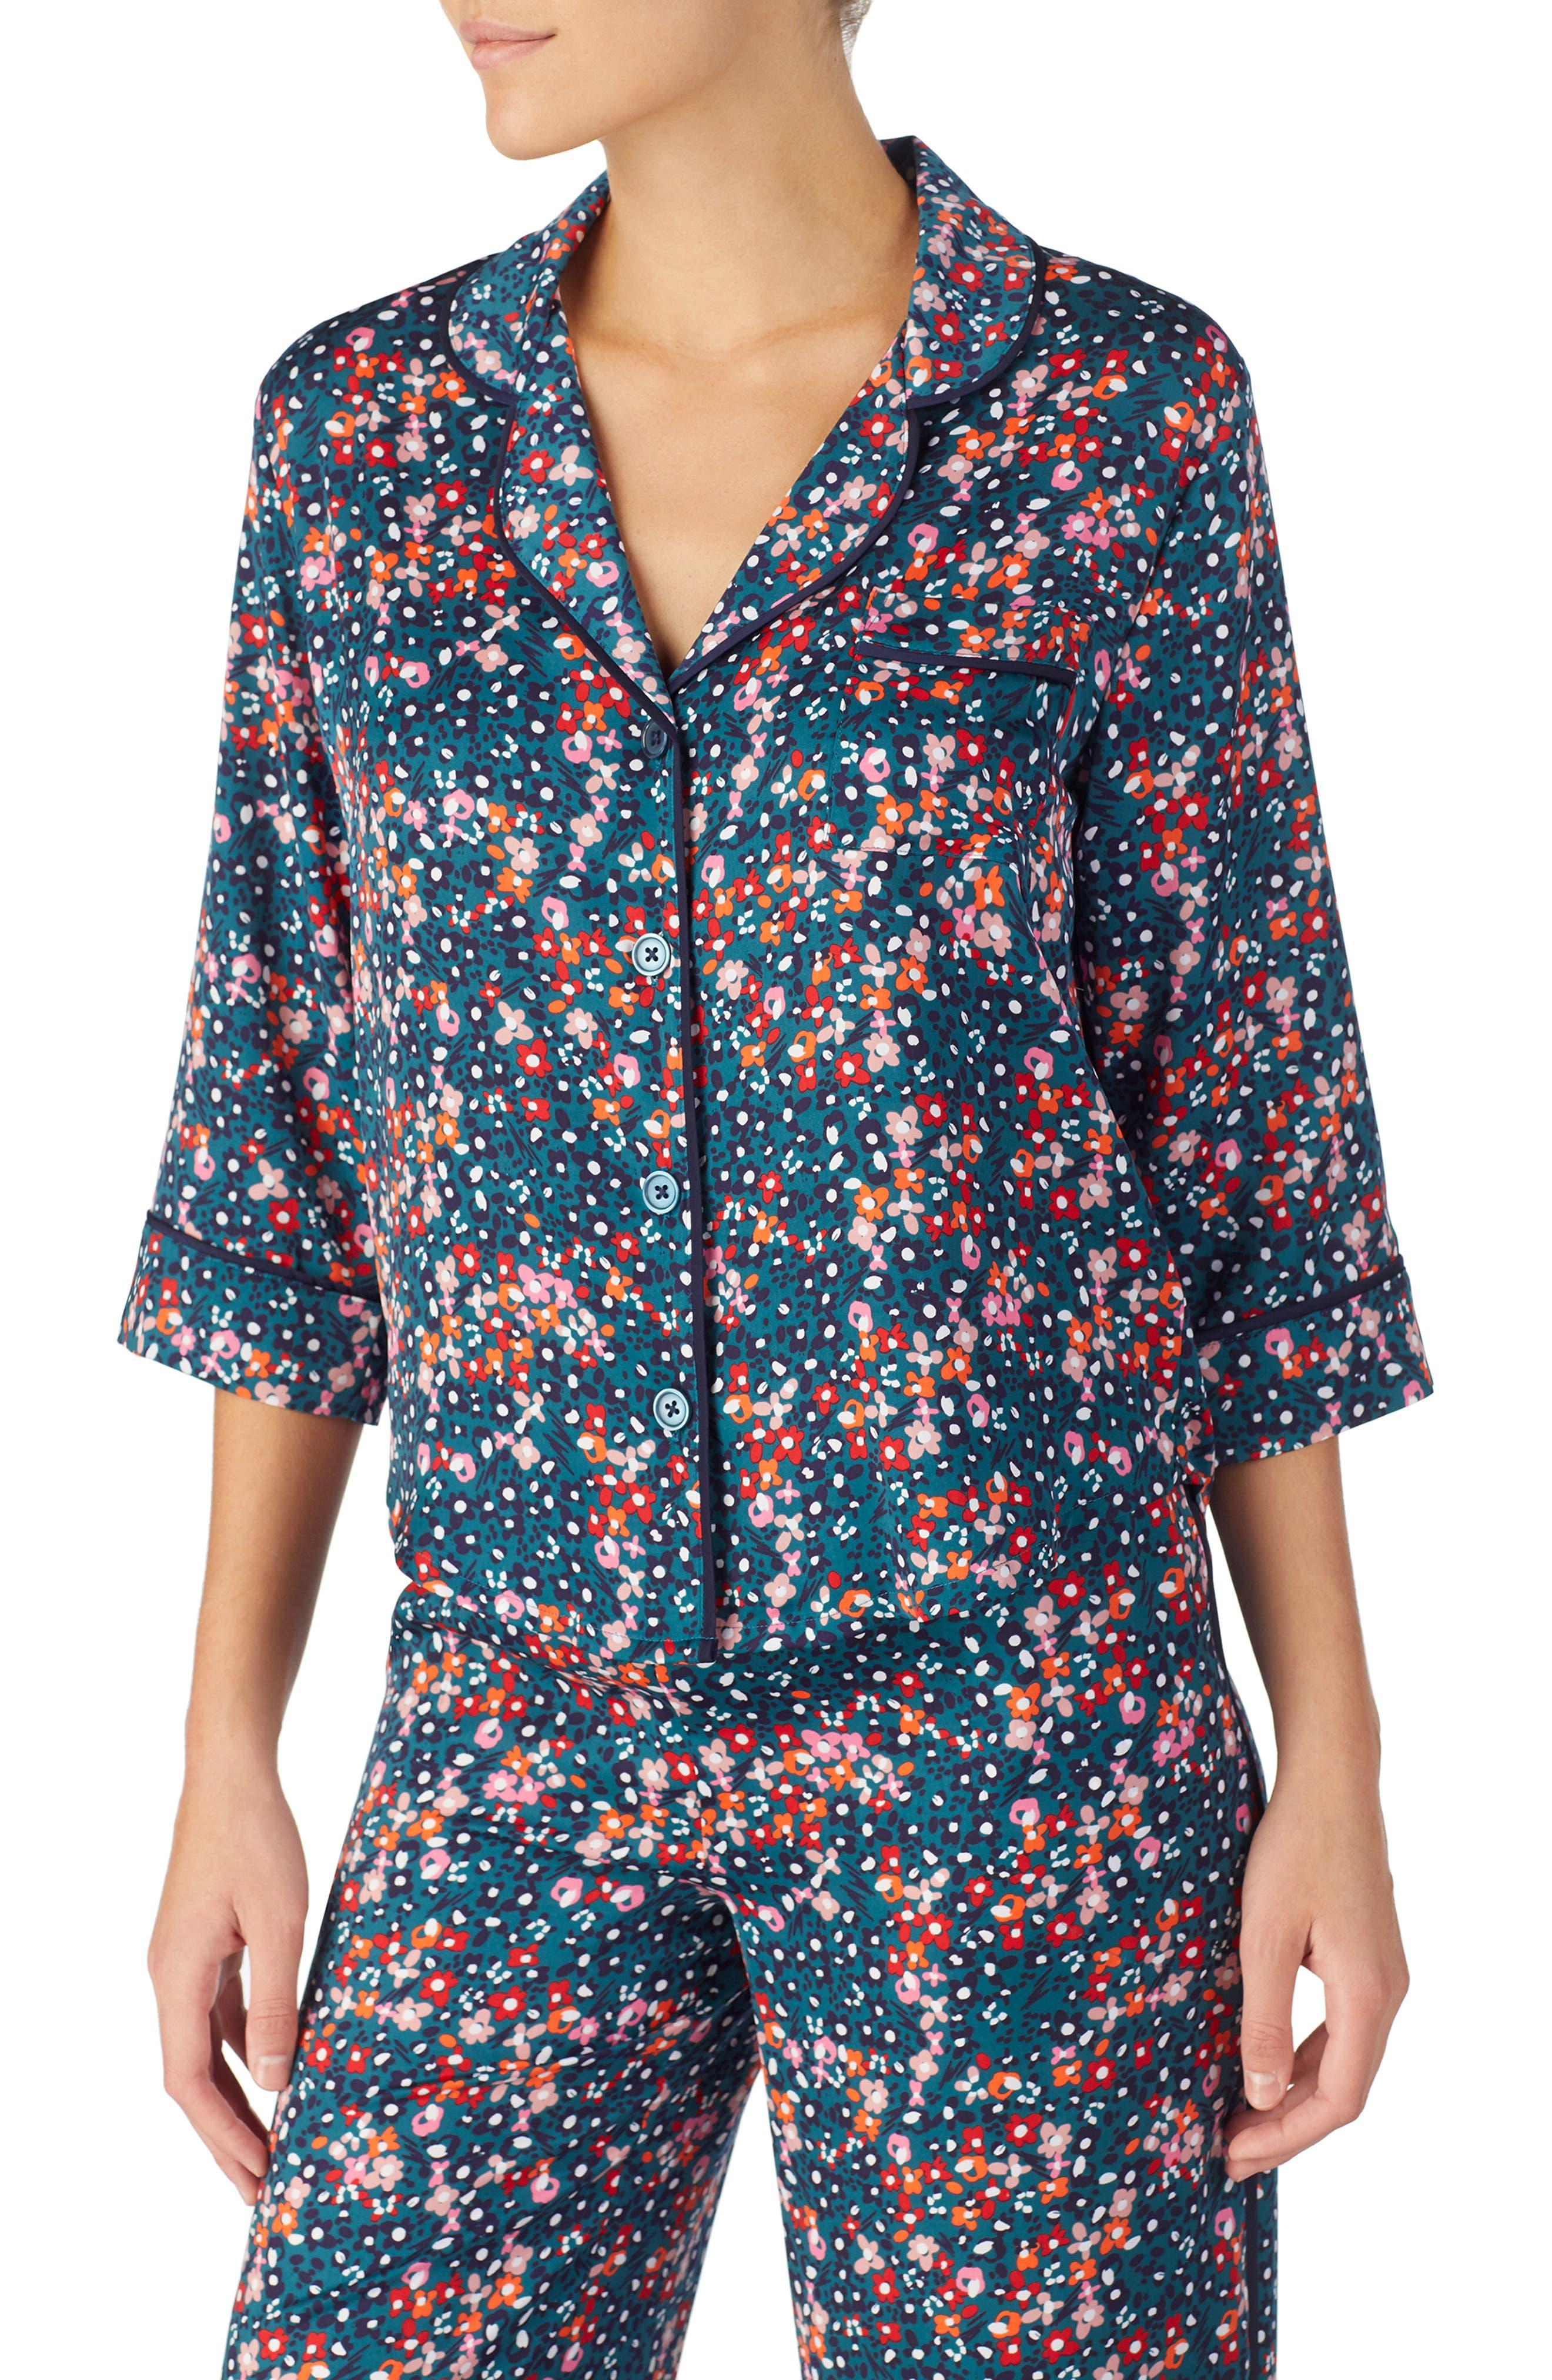 Pajama Top,                             Main thumbnail 1, color,                             DITSY FLORAL